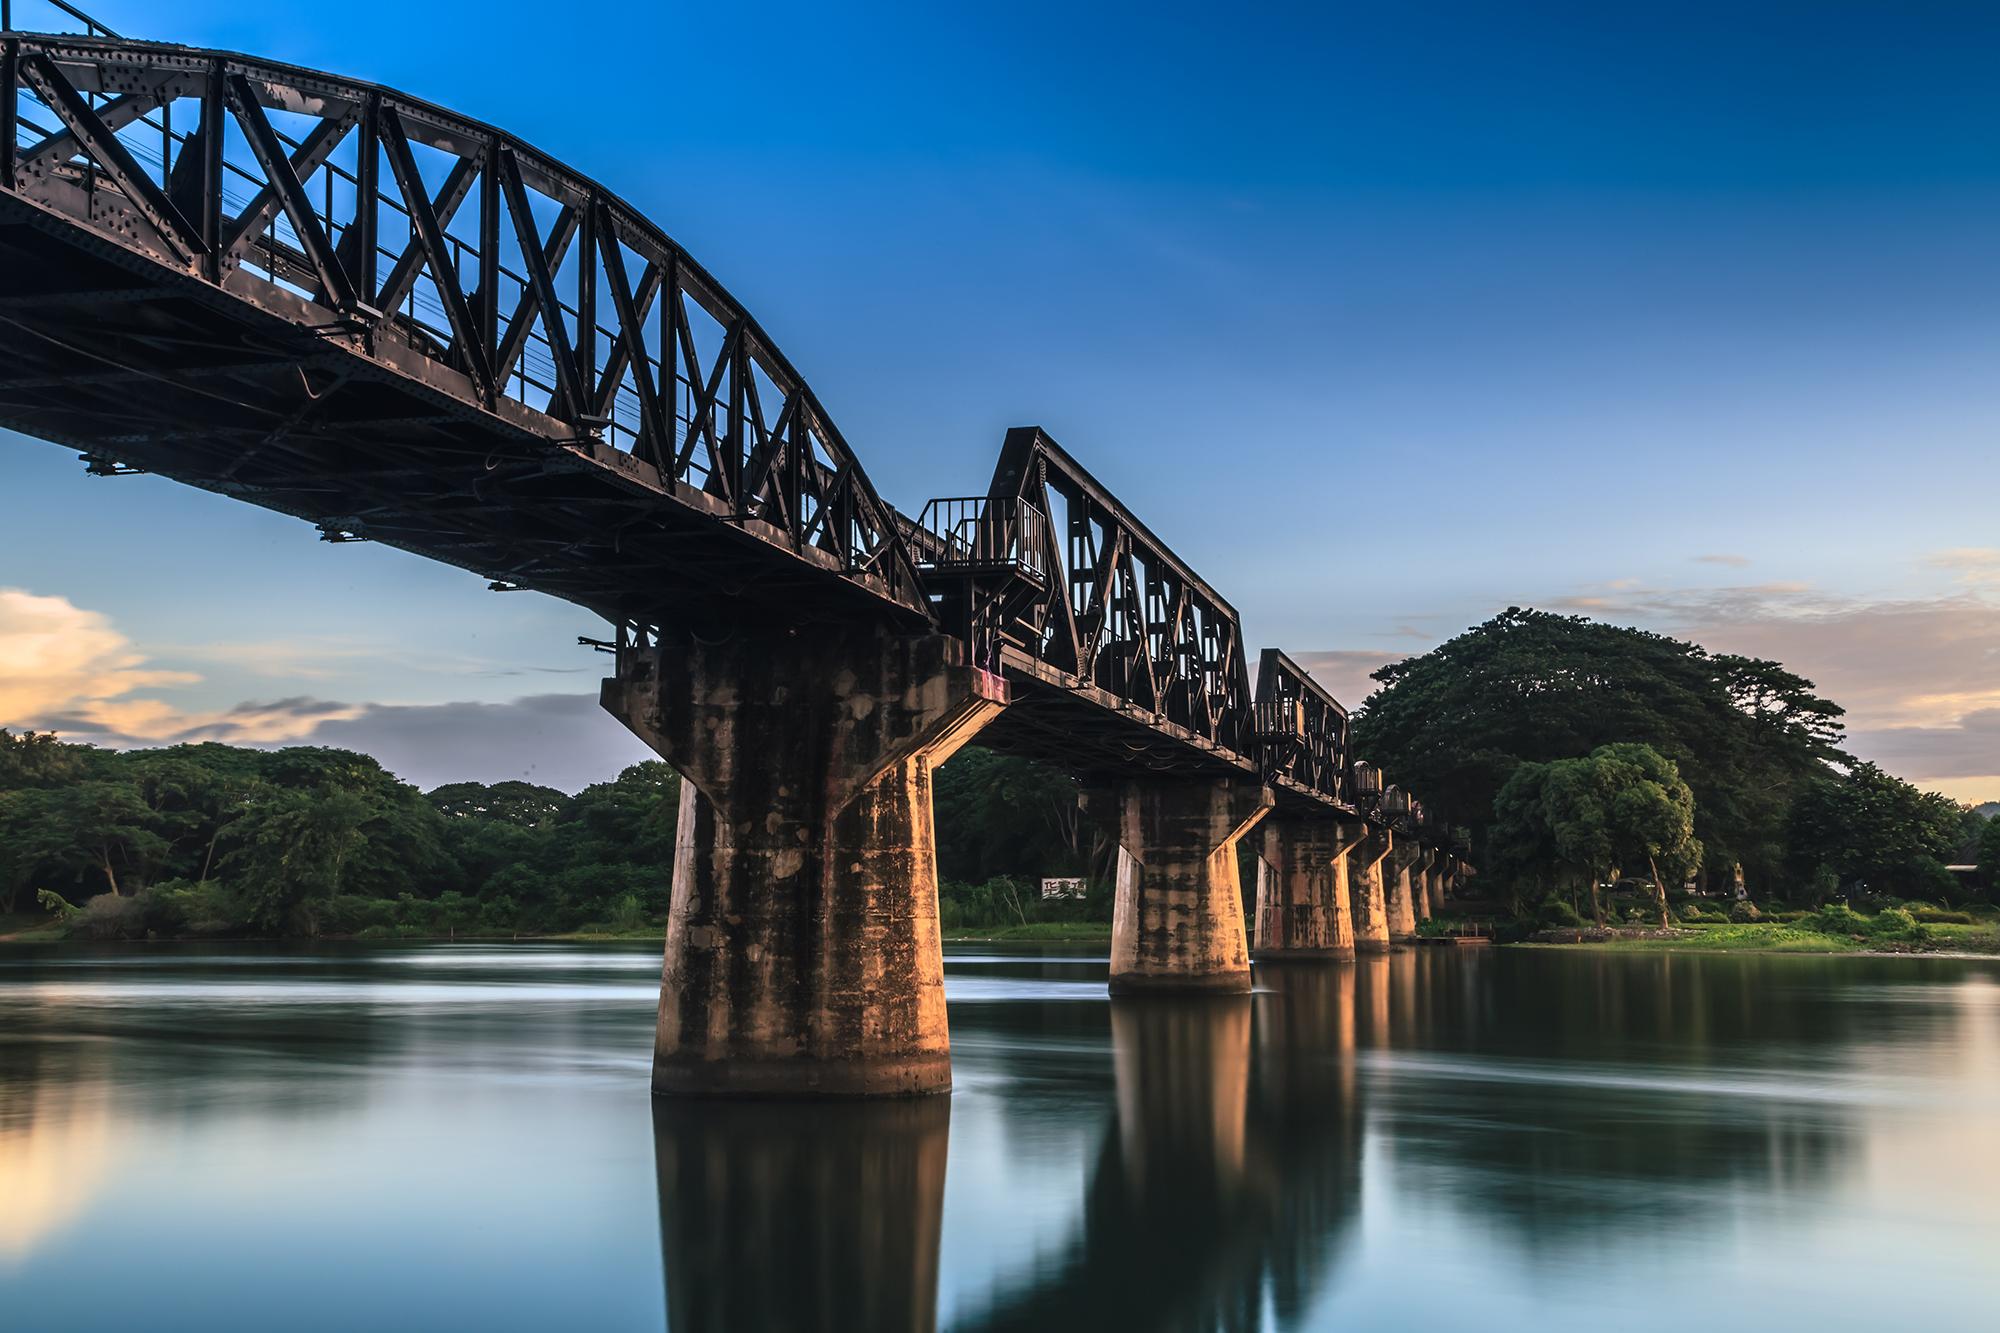 River_Kwai_Bridge_Kanchanaburi_152178617